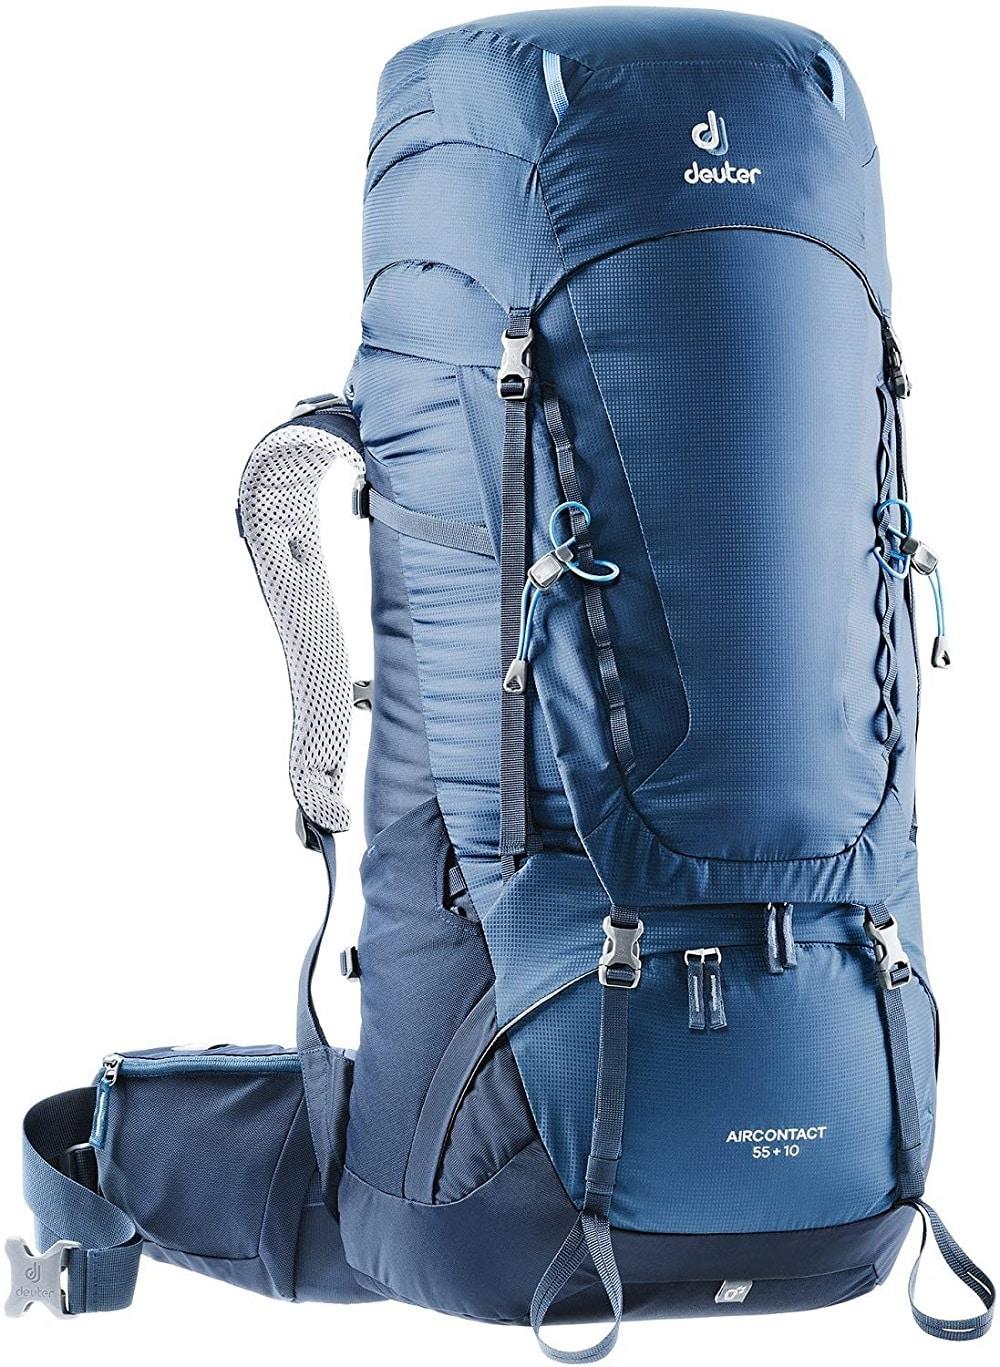 Deuter Aircontact 55 +10, sac à dos voyage pour homme